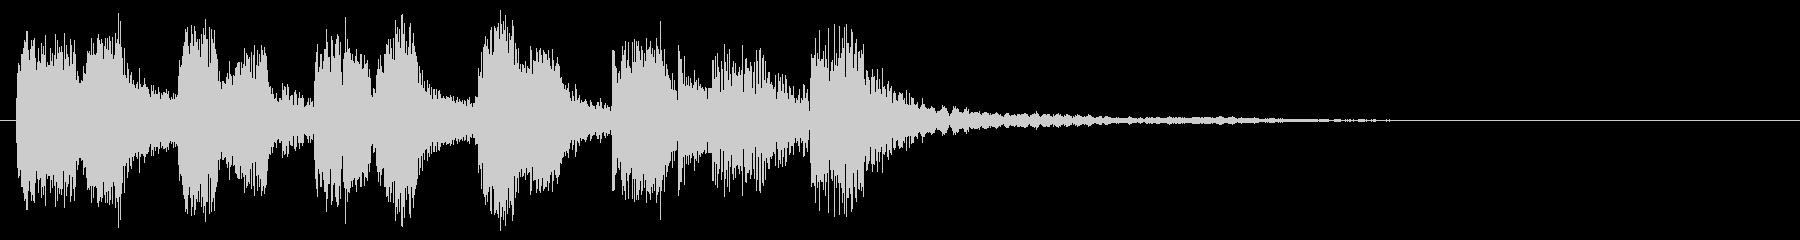 アイキャッチ ・トランペット・場面転換2の未再生の波形